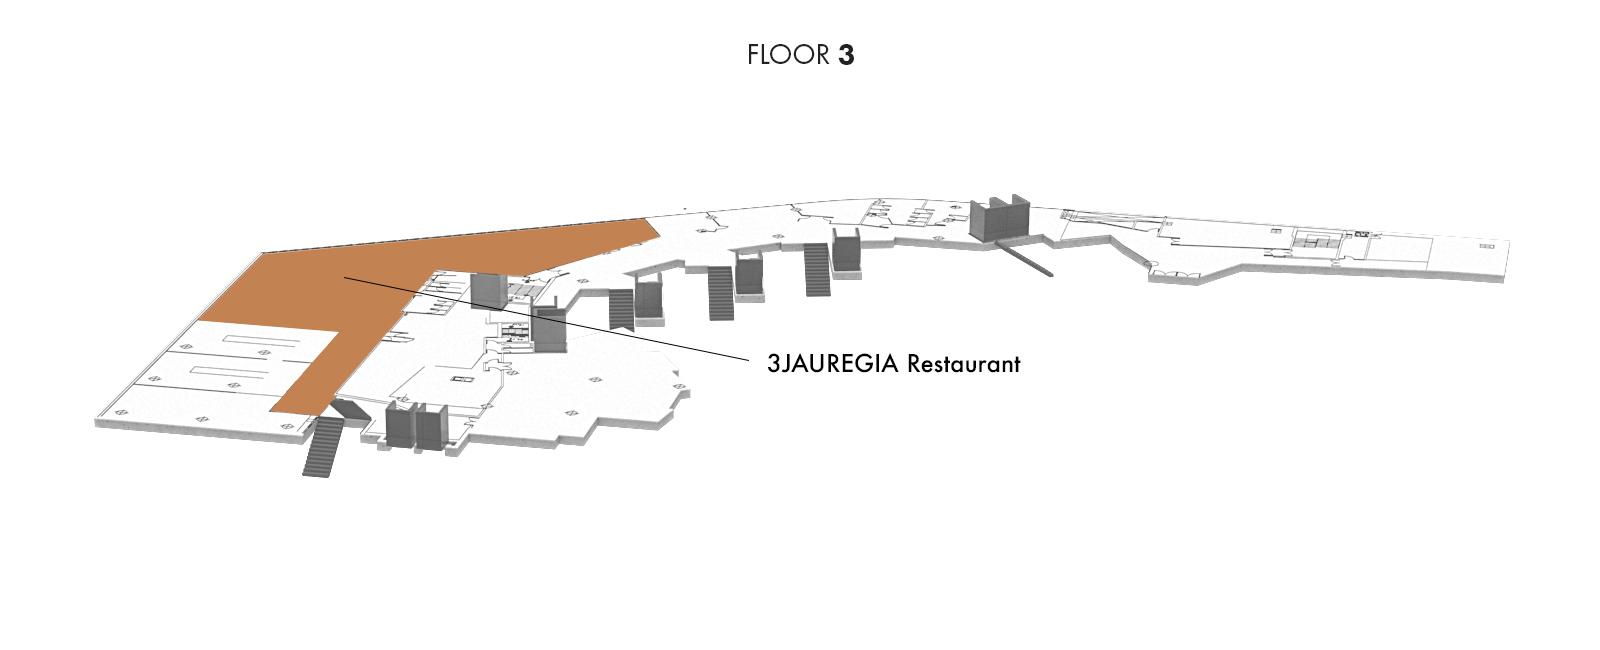 3JAUREGIA Restaurant, Floor 3   Palacio Euskalduna Jauregia